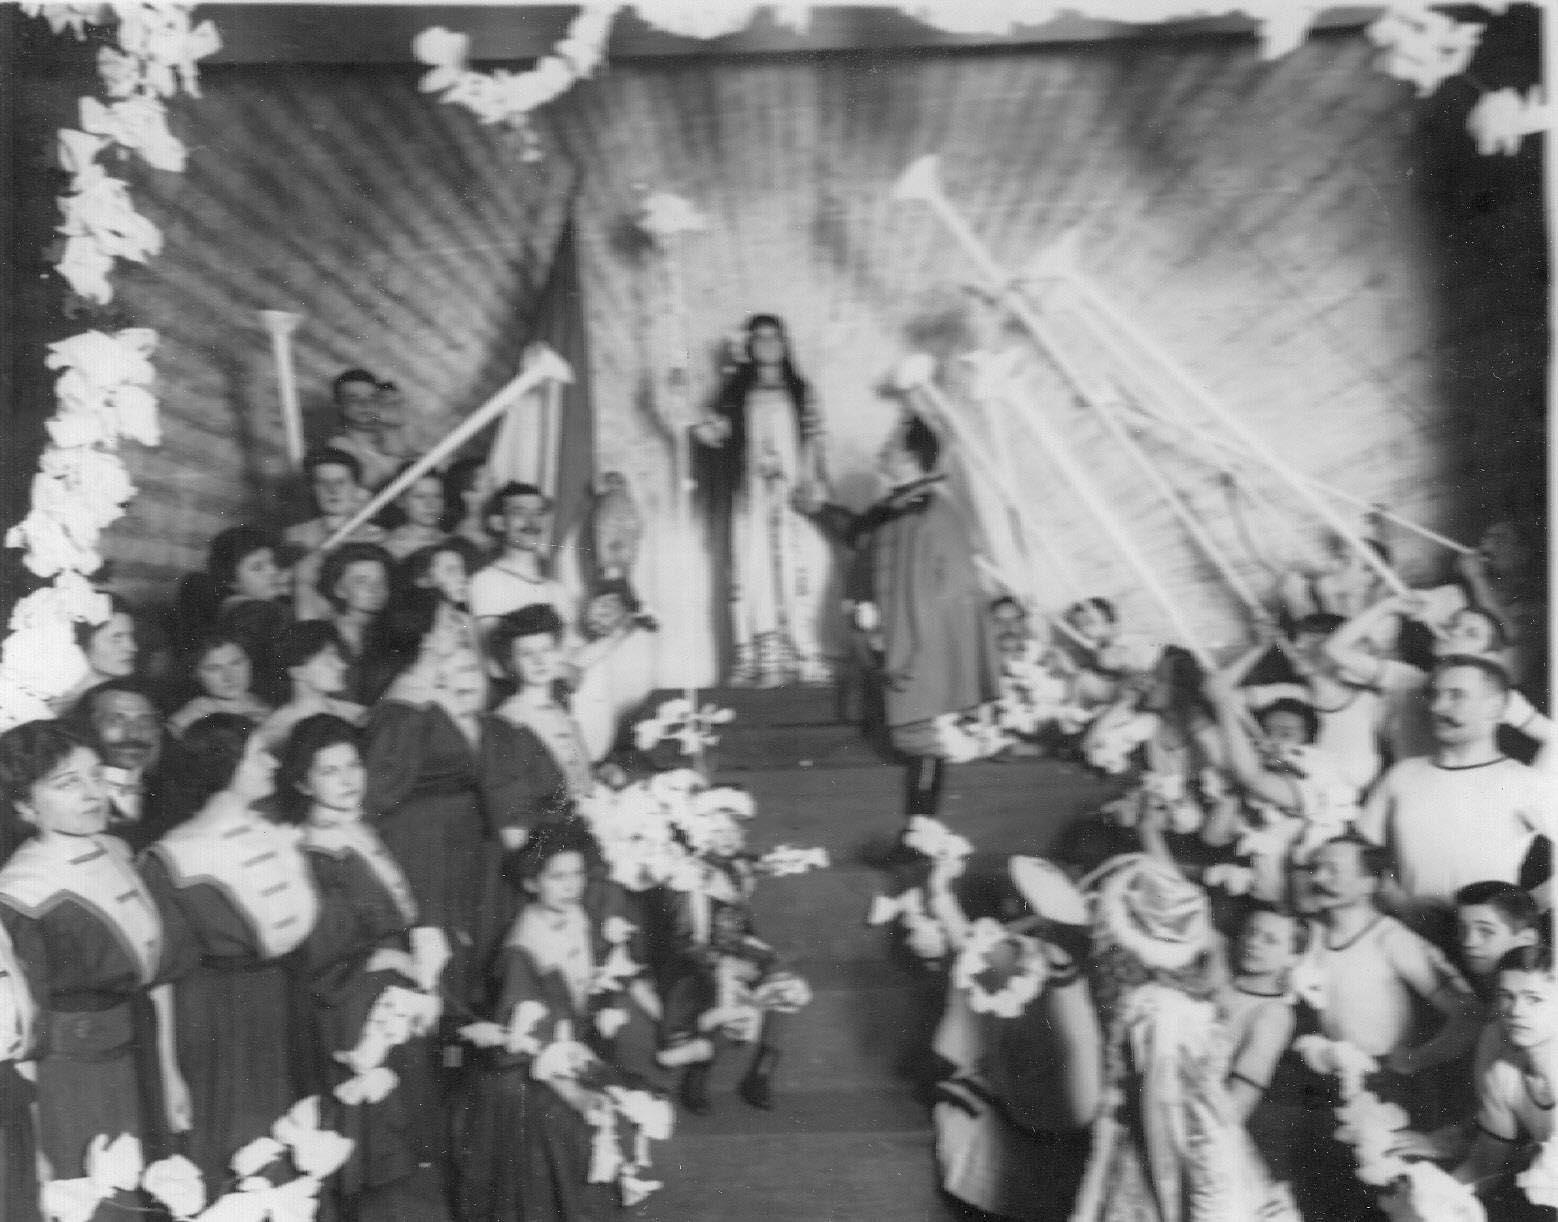 Члены общества во время постановки спектакля. 1907